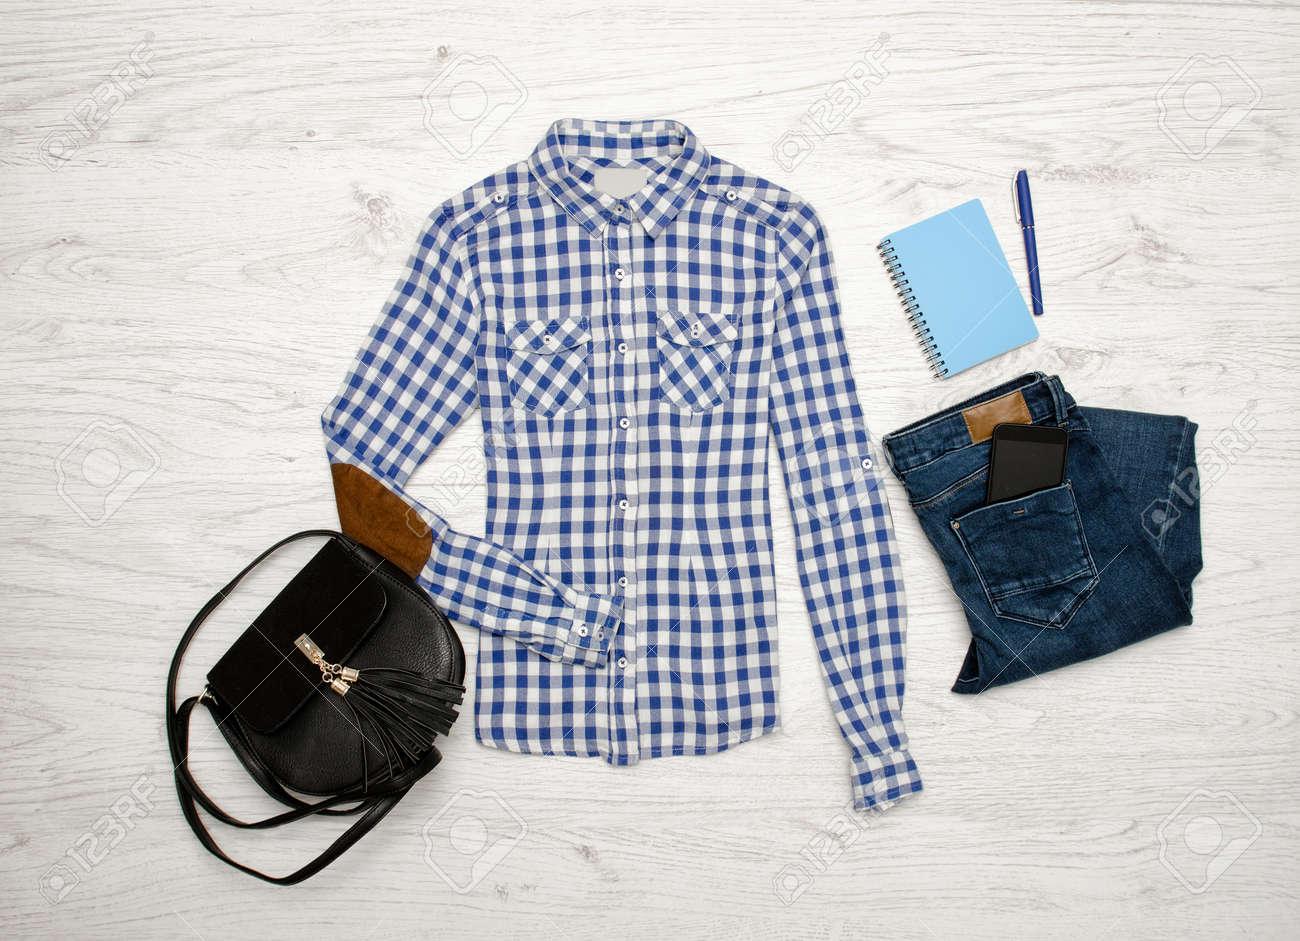 comprare popolare b11a6 3129a Camicia a quadri blu e bianca, jeans, cellulare, taccuino con penna e borsa  nera. Fondo in legno Concetto alla moda, vista dall'alto